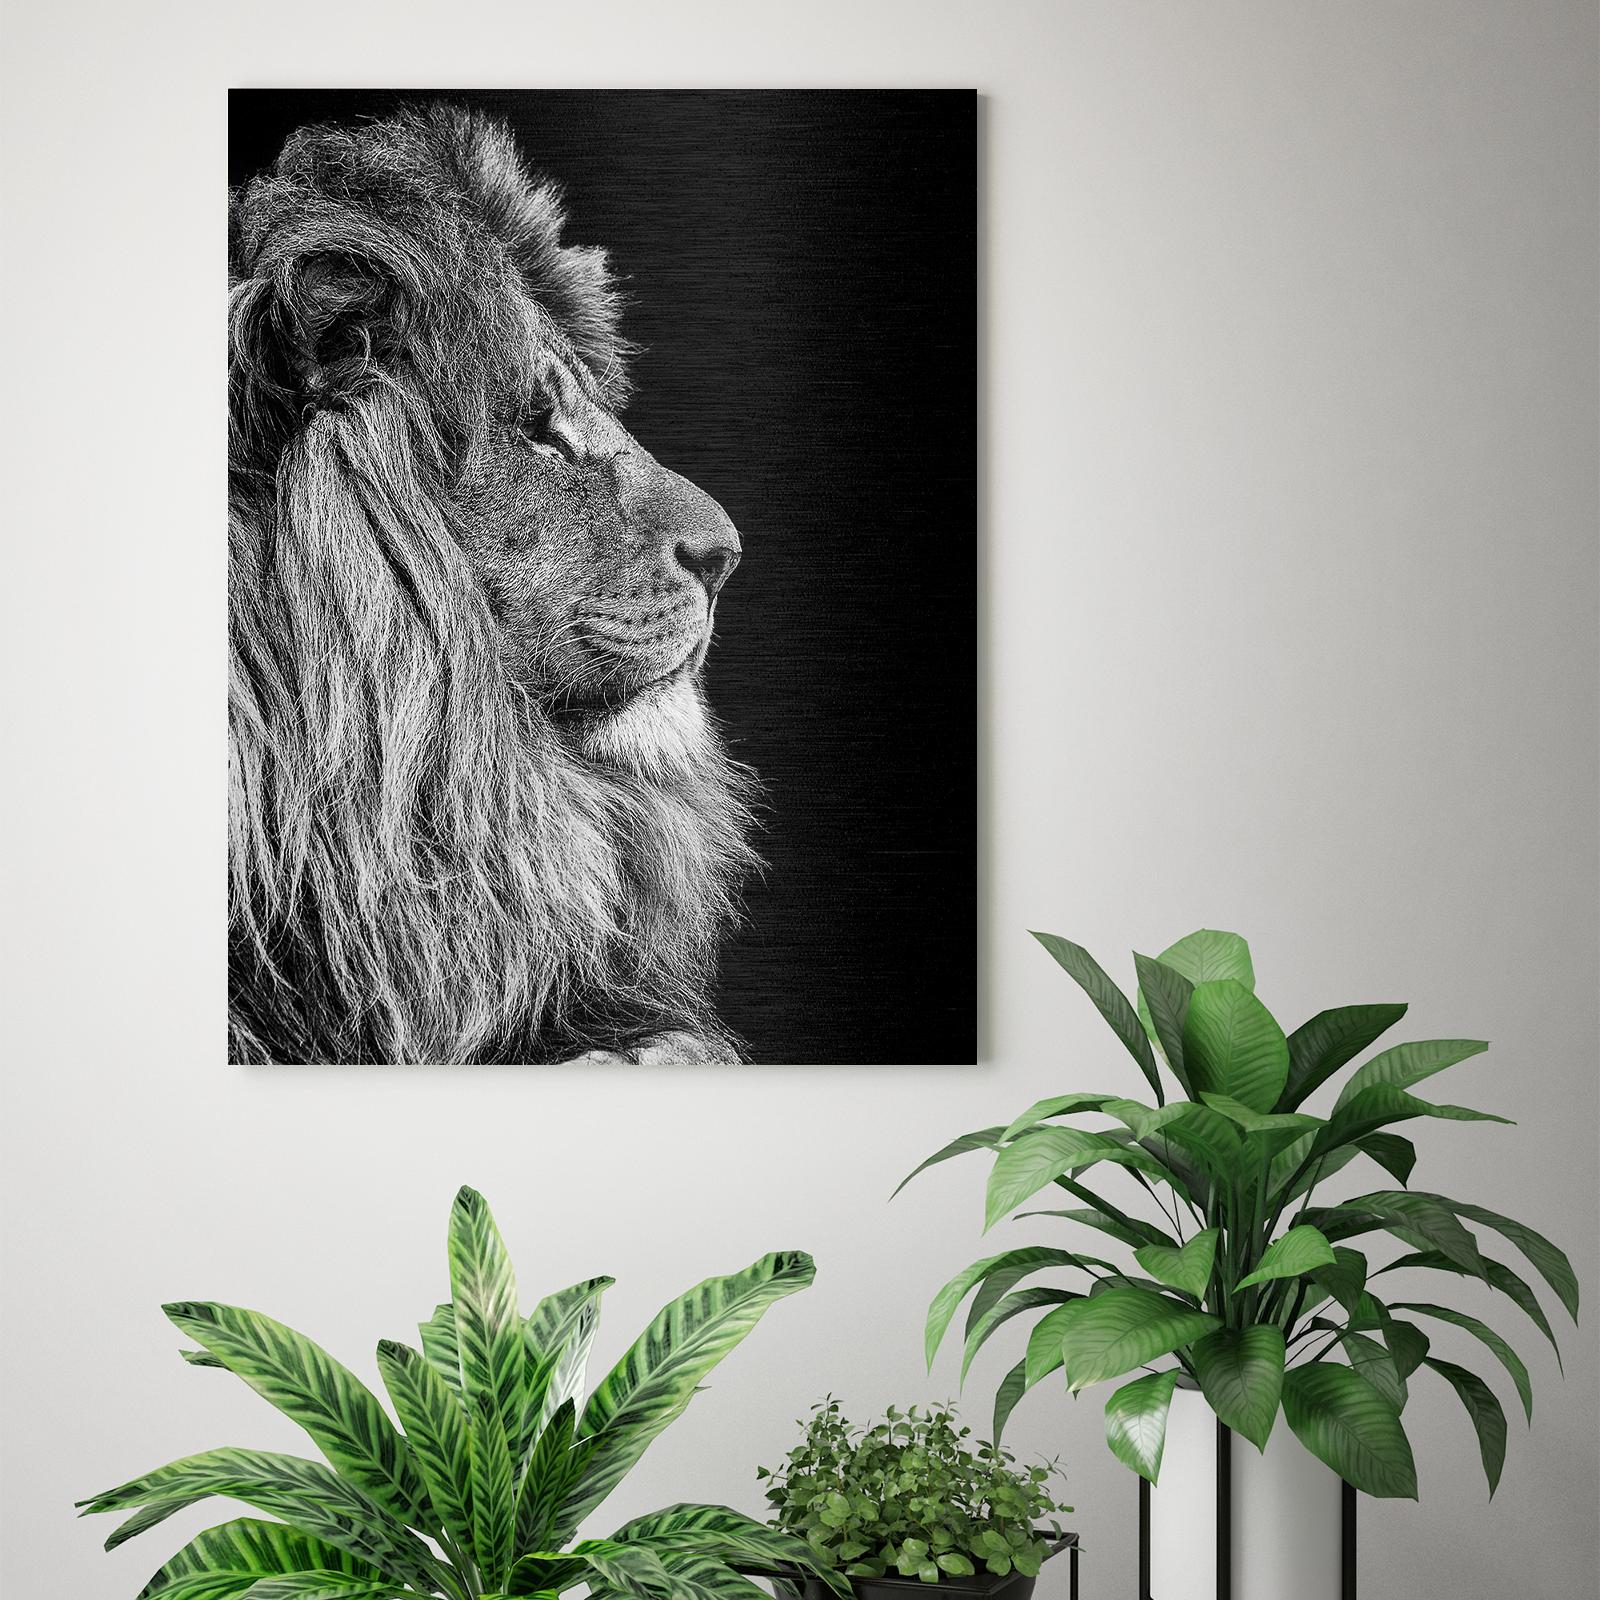 foto van leeuw aan de muur met kamerplanten erbij